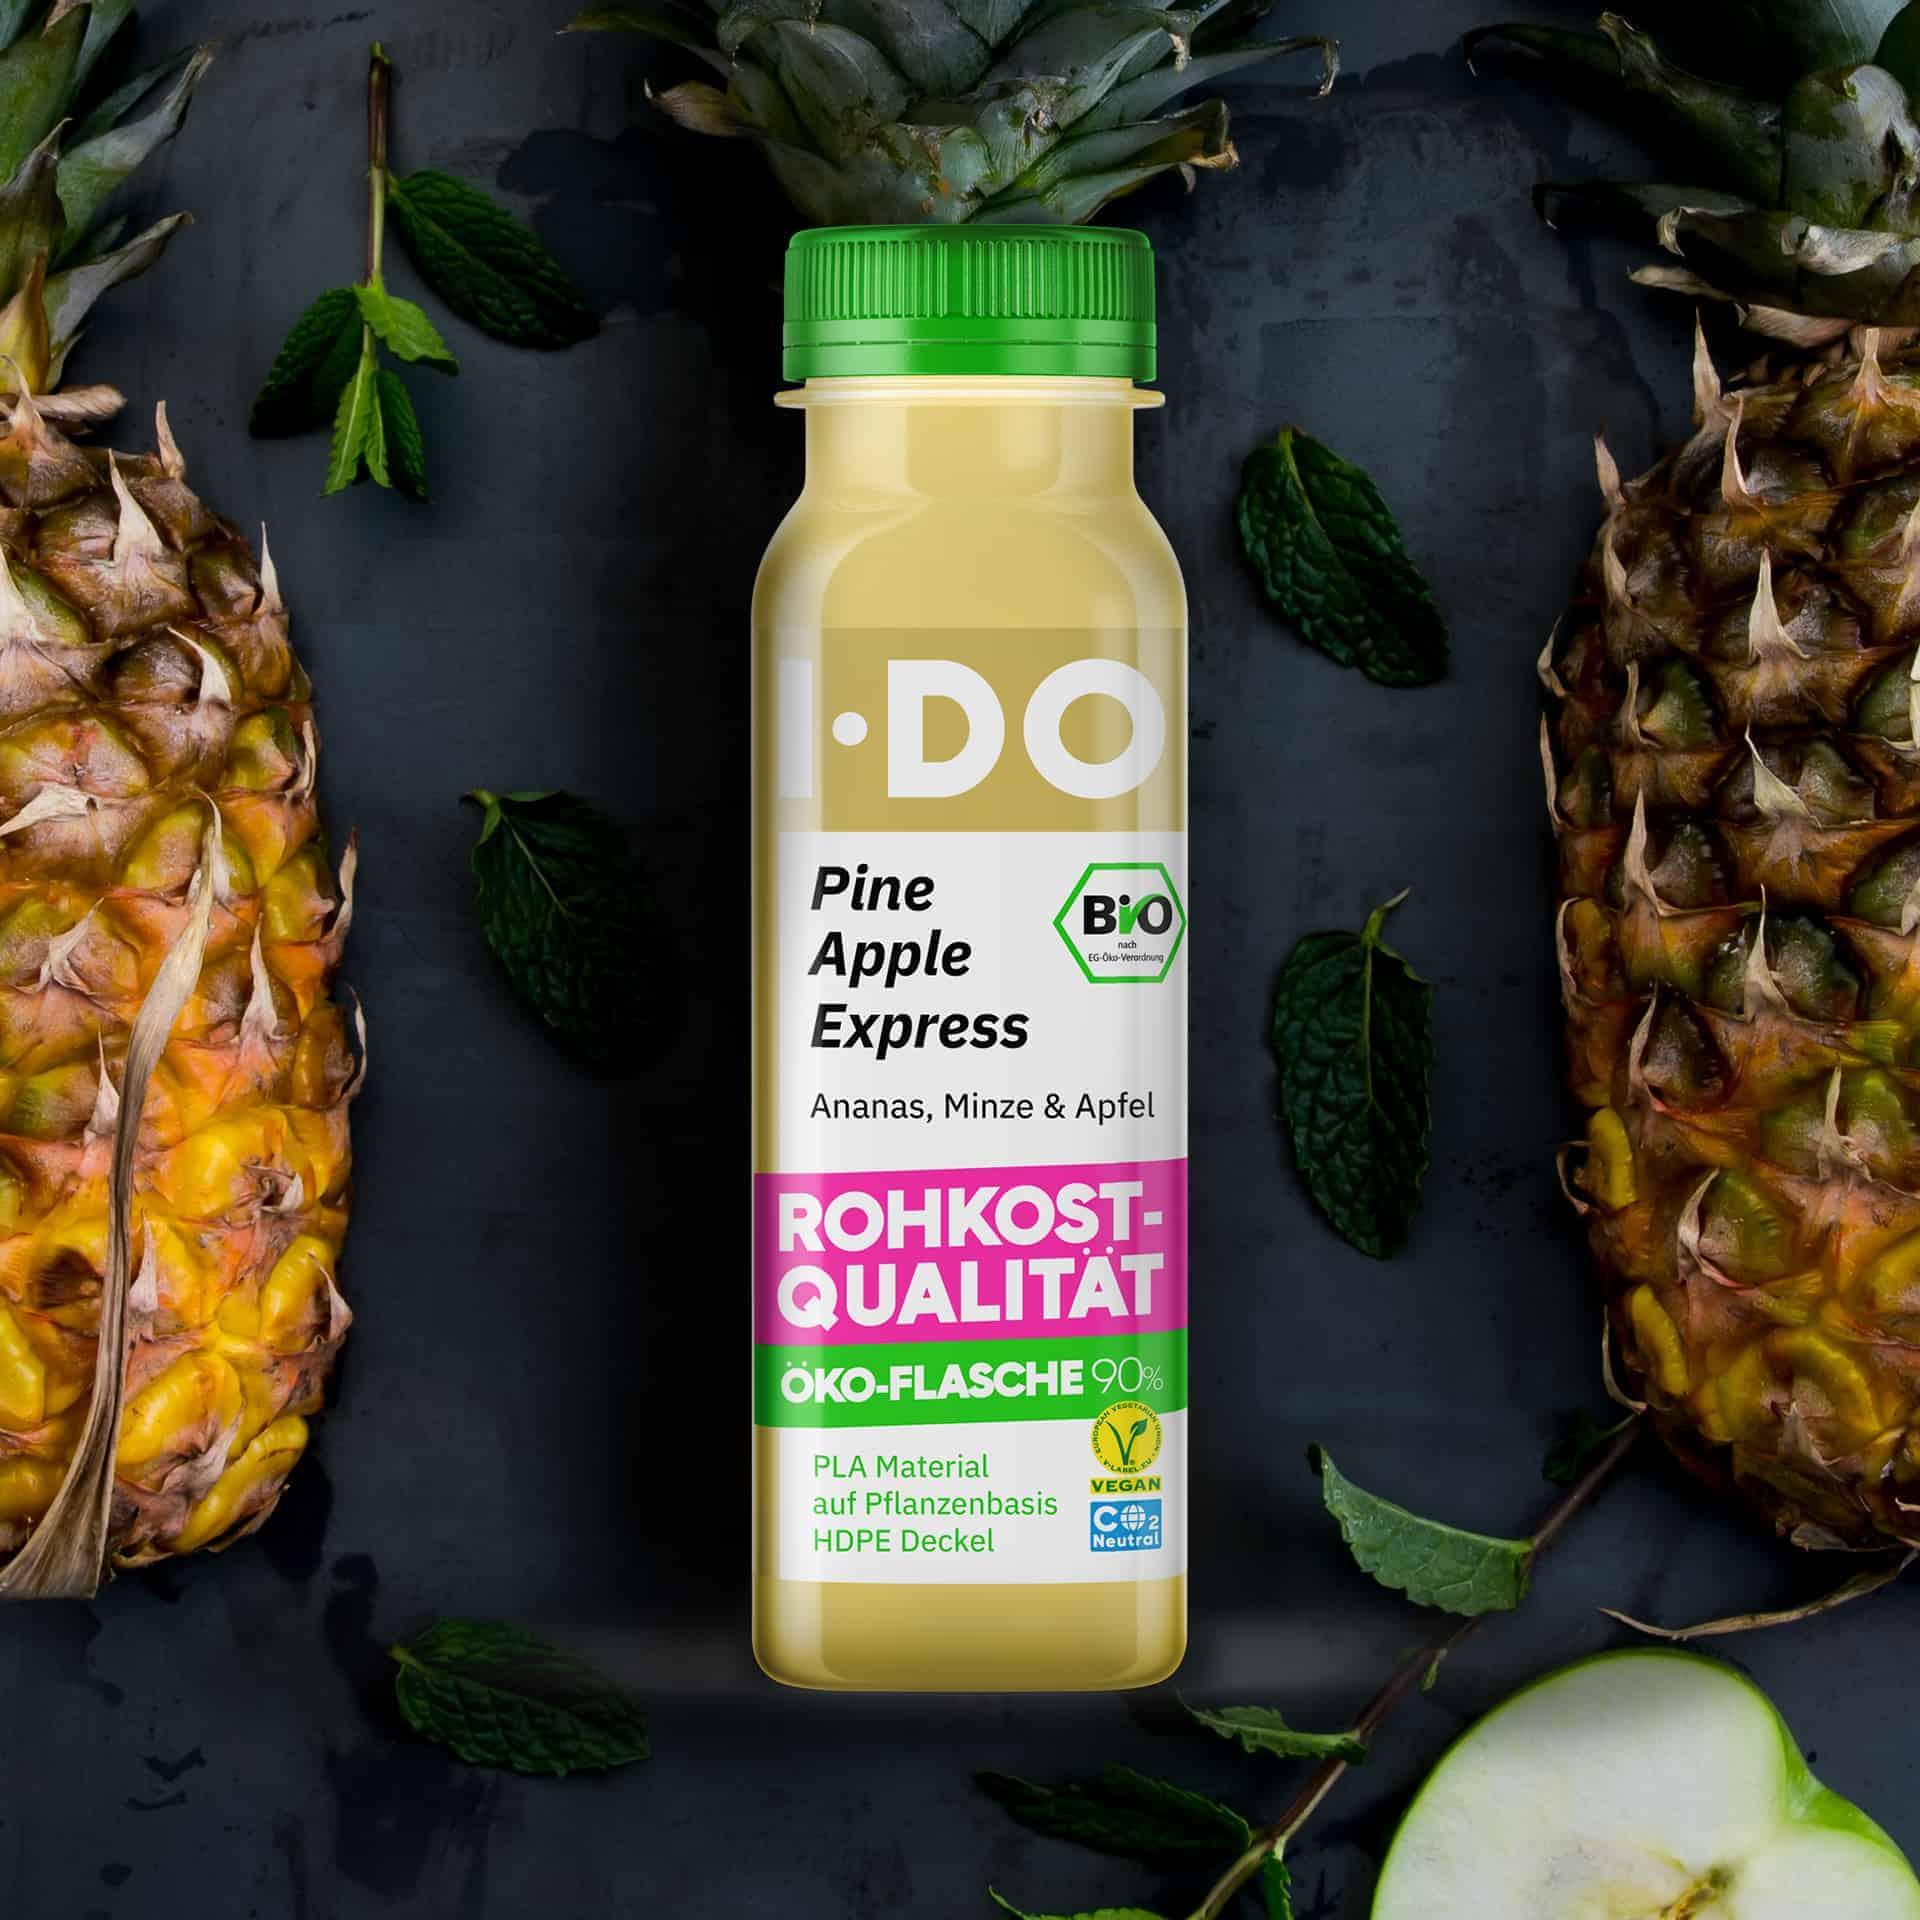 I·DO Pineapple Express, Ananassaft in der Öko-Flasche 90%